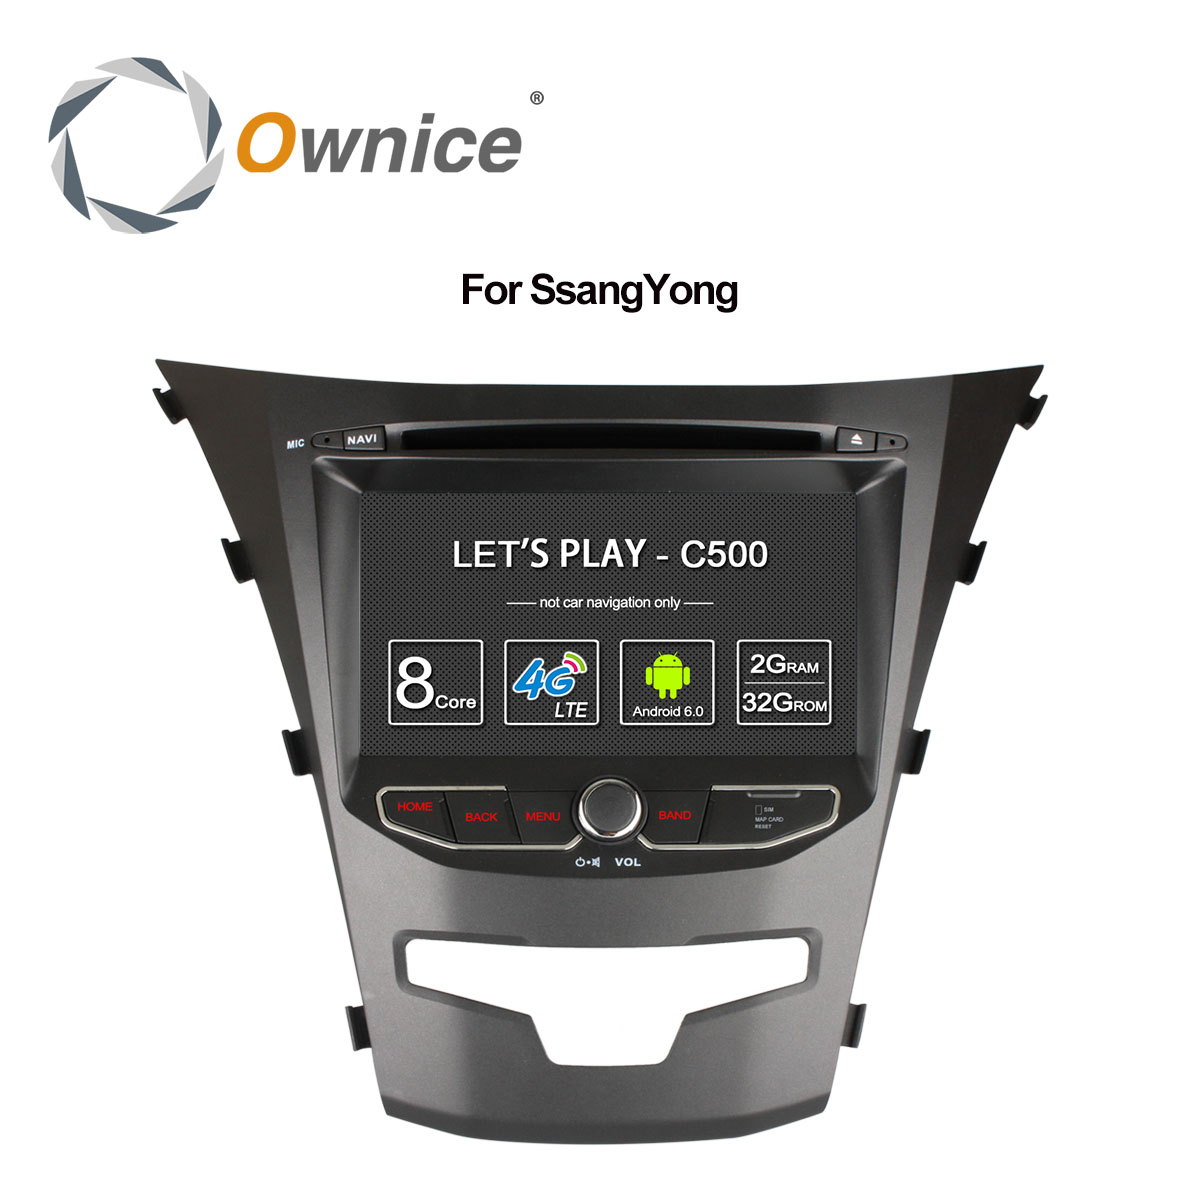 Ownice C500 Octa 8 Core android 6,0 для ssangyong actyon 2014 korando 4 ядра поддержка 4G SIM сети LTE DAB + 2 ГБ Оперативная память 32 ГБ Встроенная память